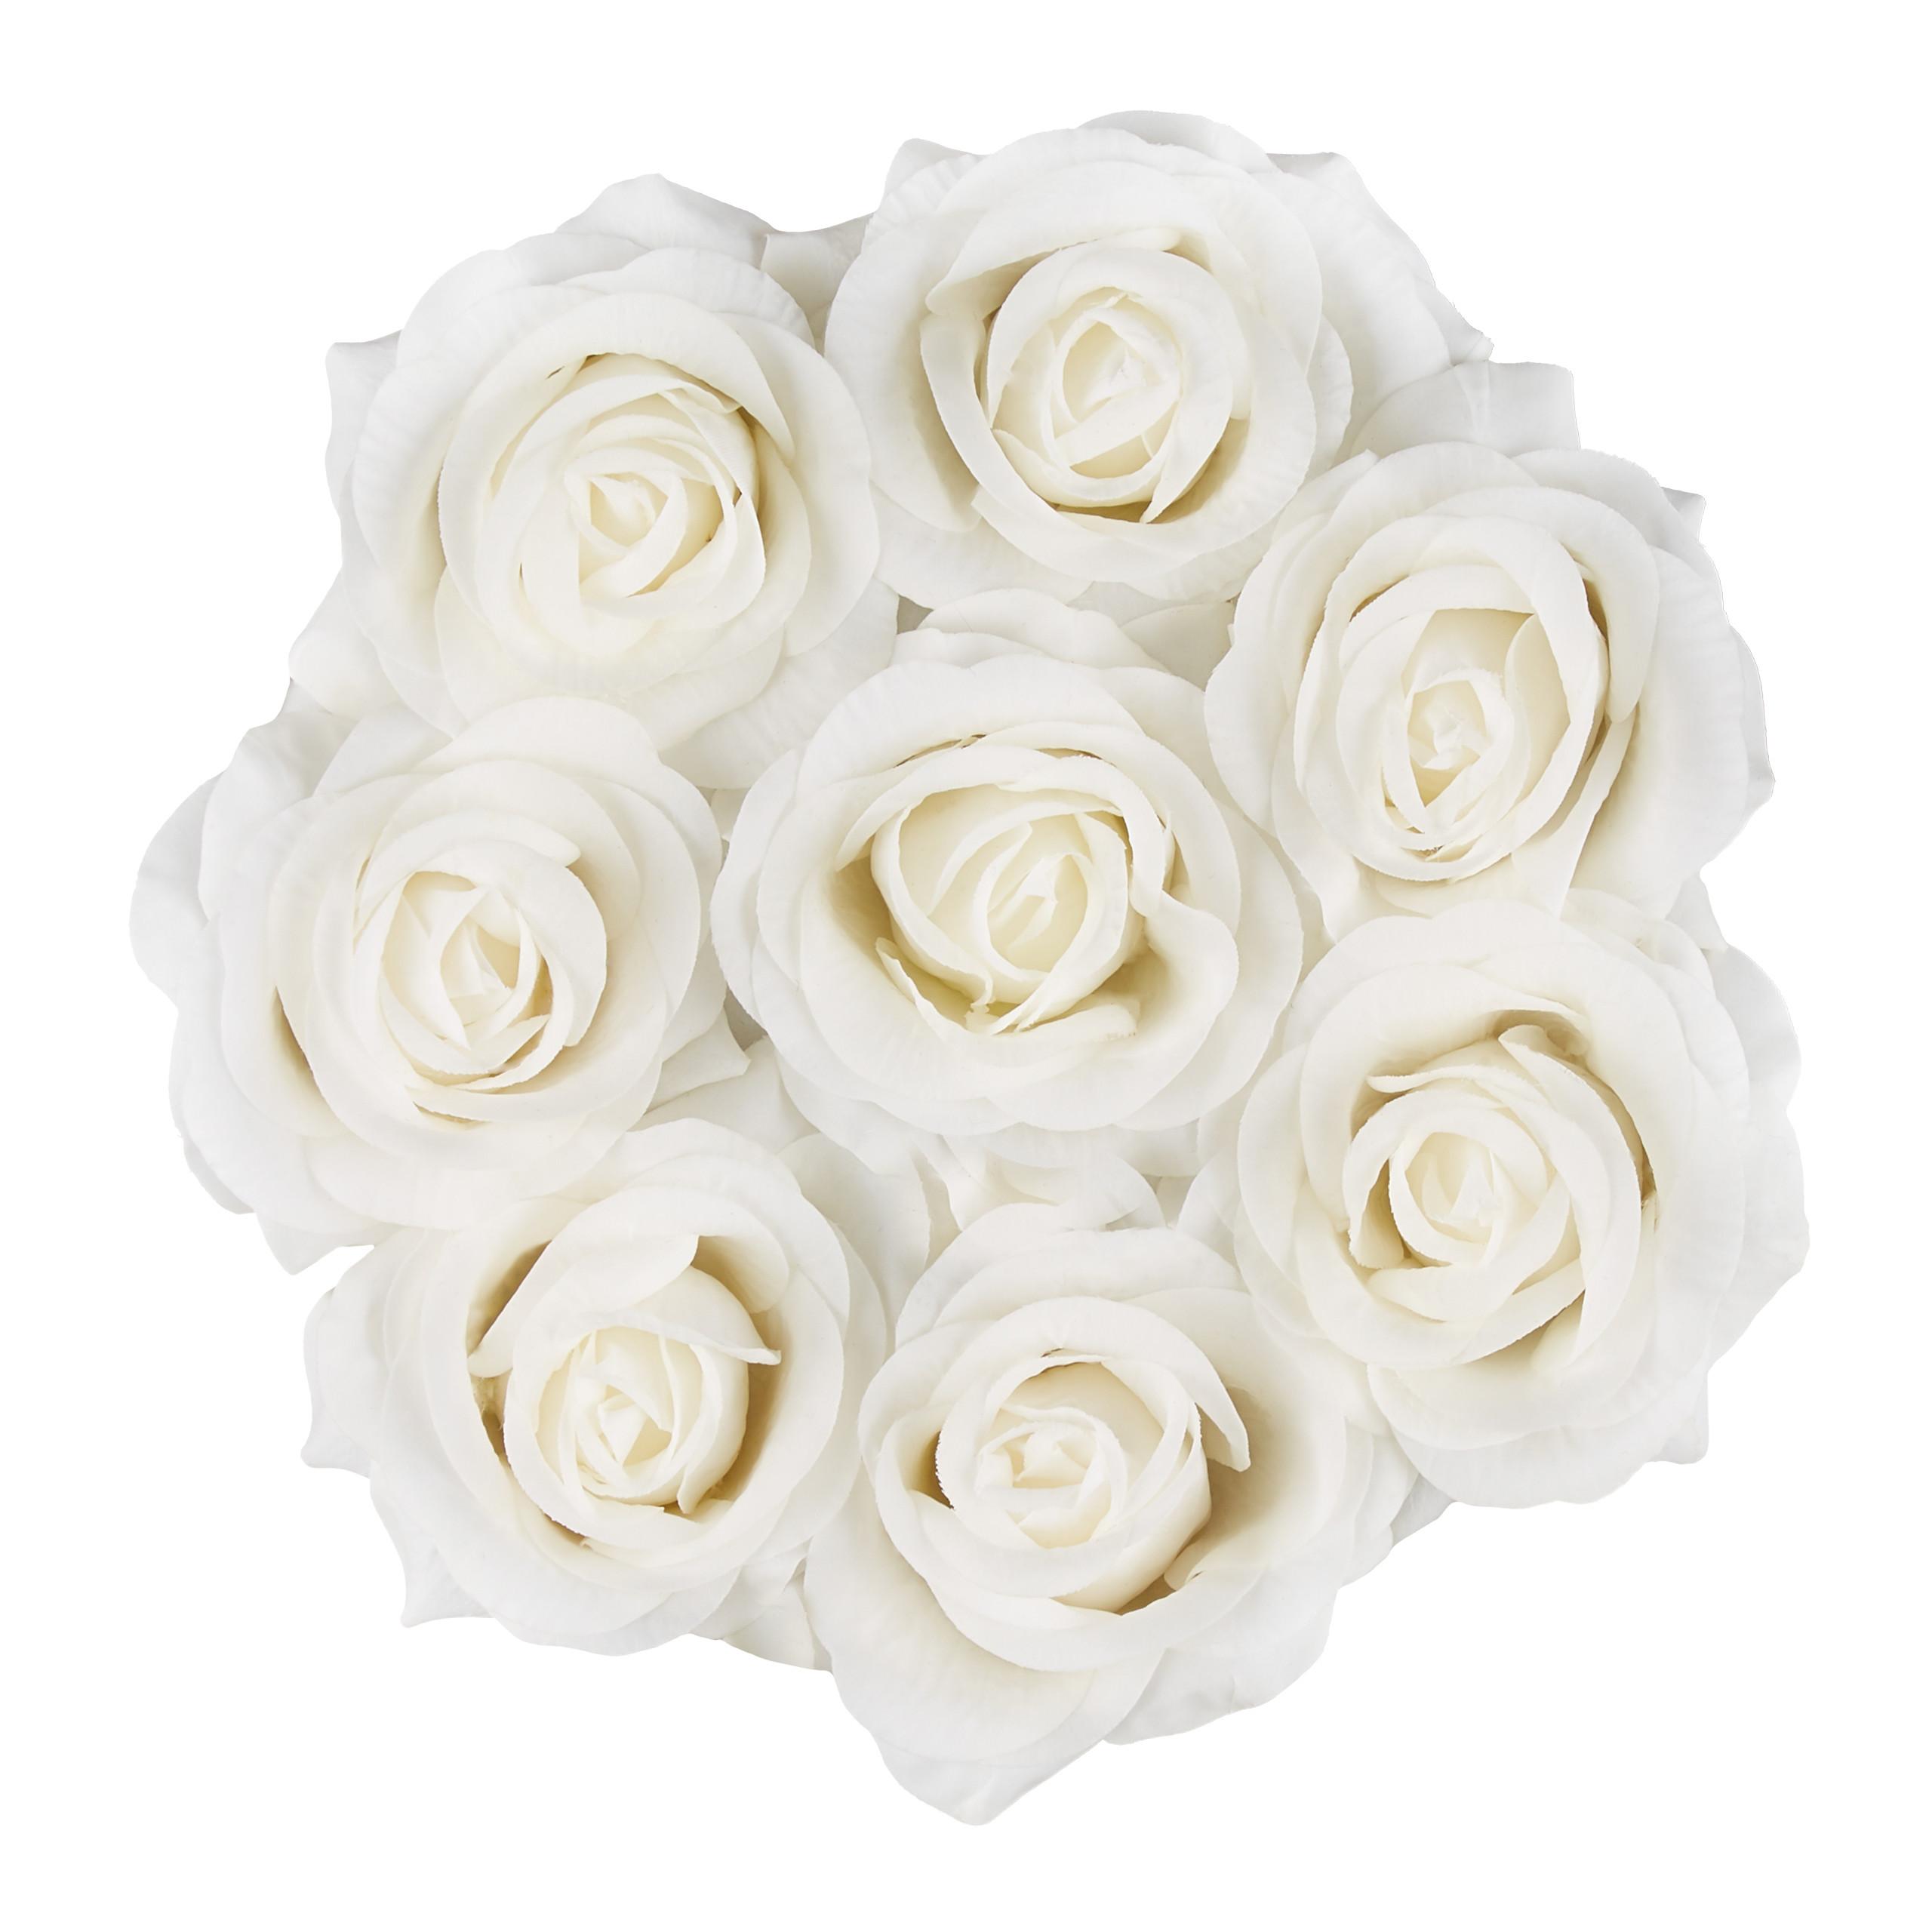 Künstliche Rosen Dauerrosen Flowerbox rund Blumenbox weiß Rosenbox 8 Rosen